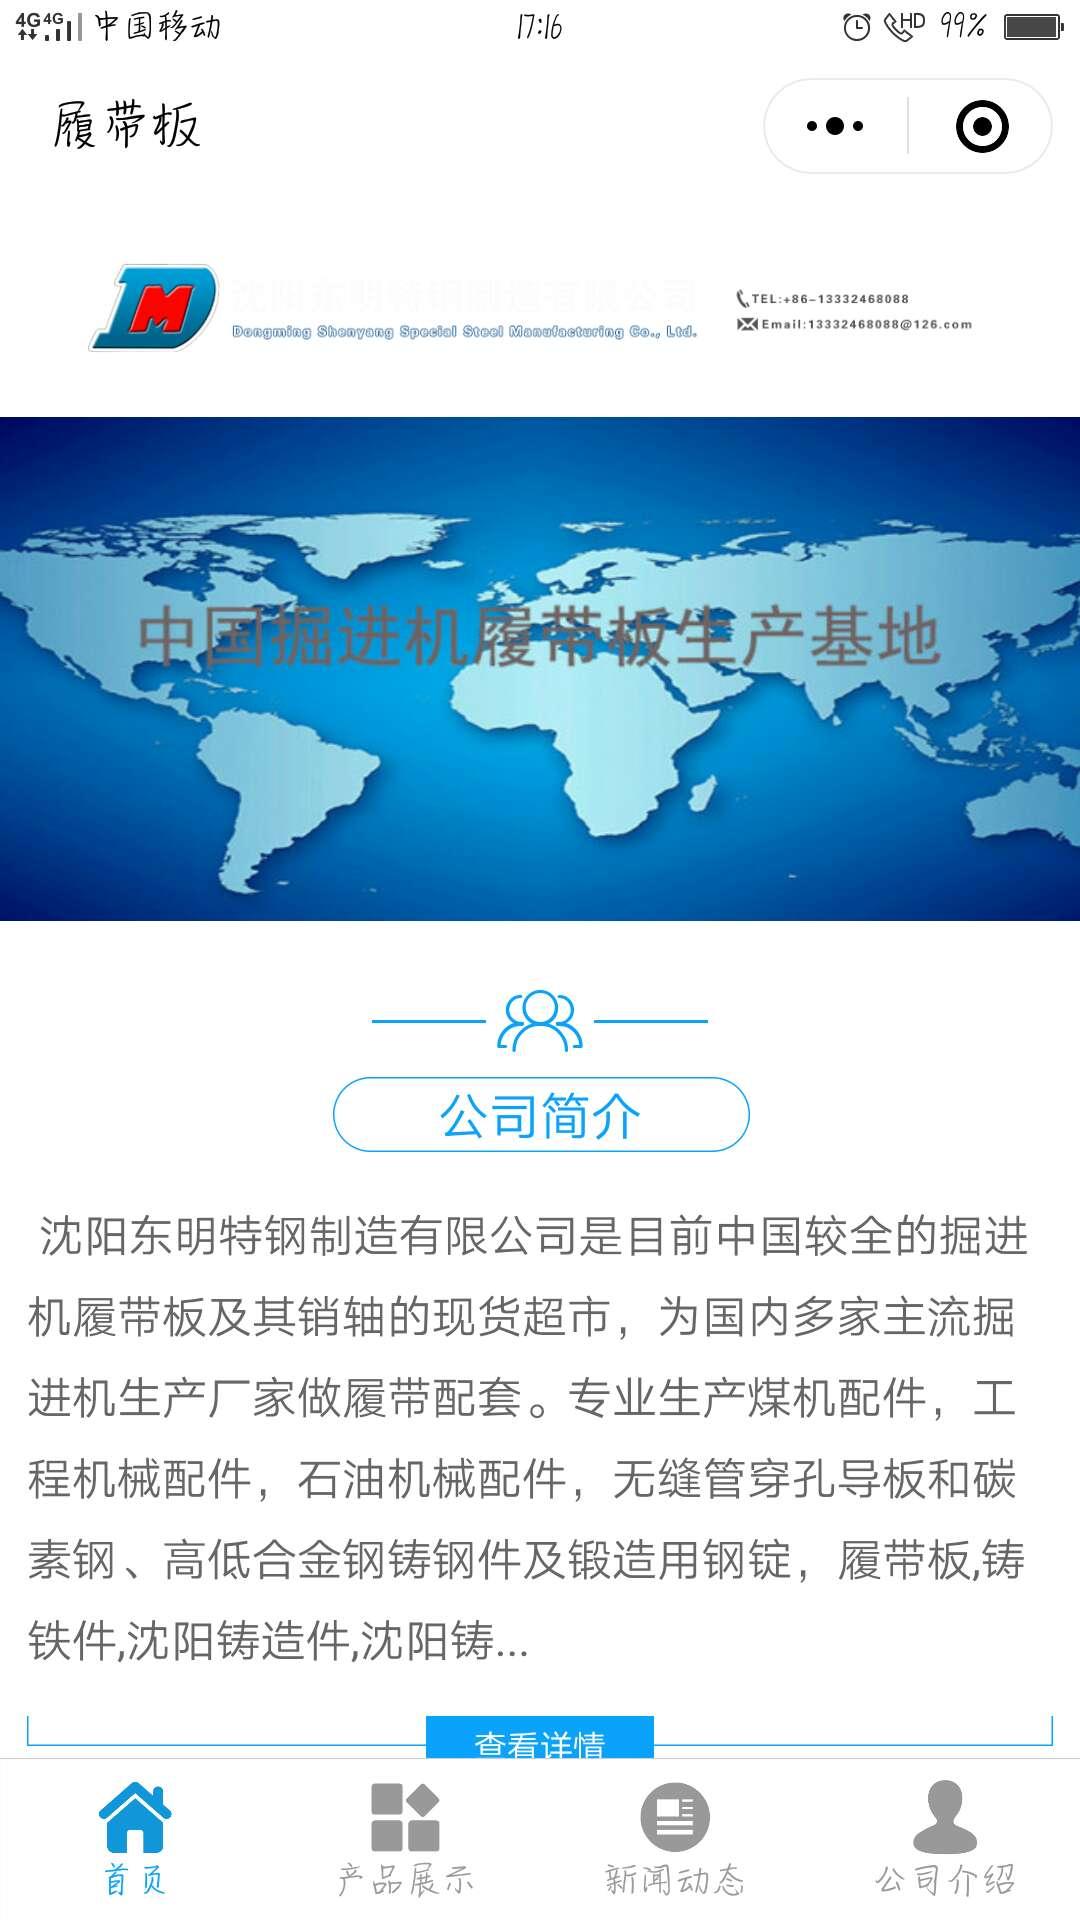 微信公众号推广找哪家_洛阳微信运营公司哪家好